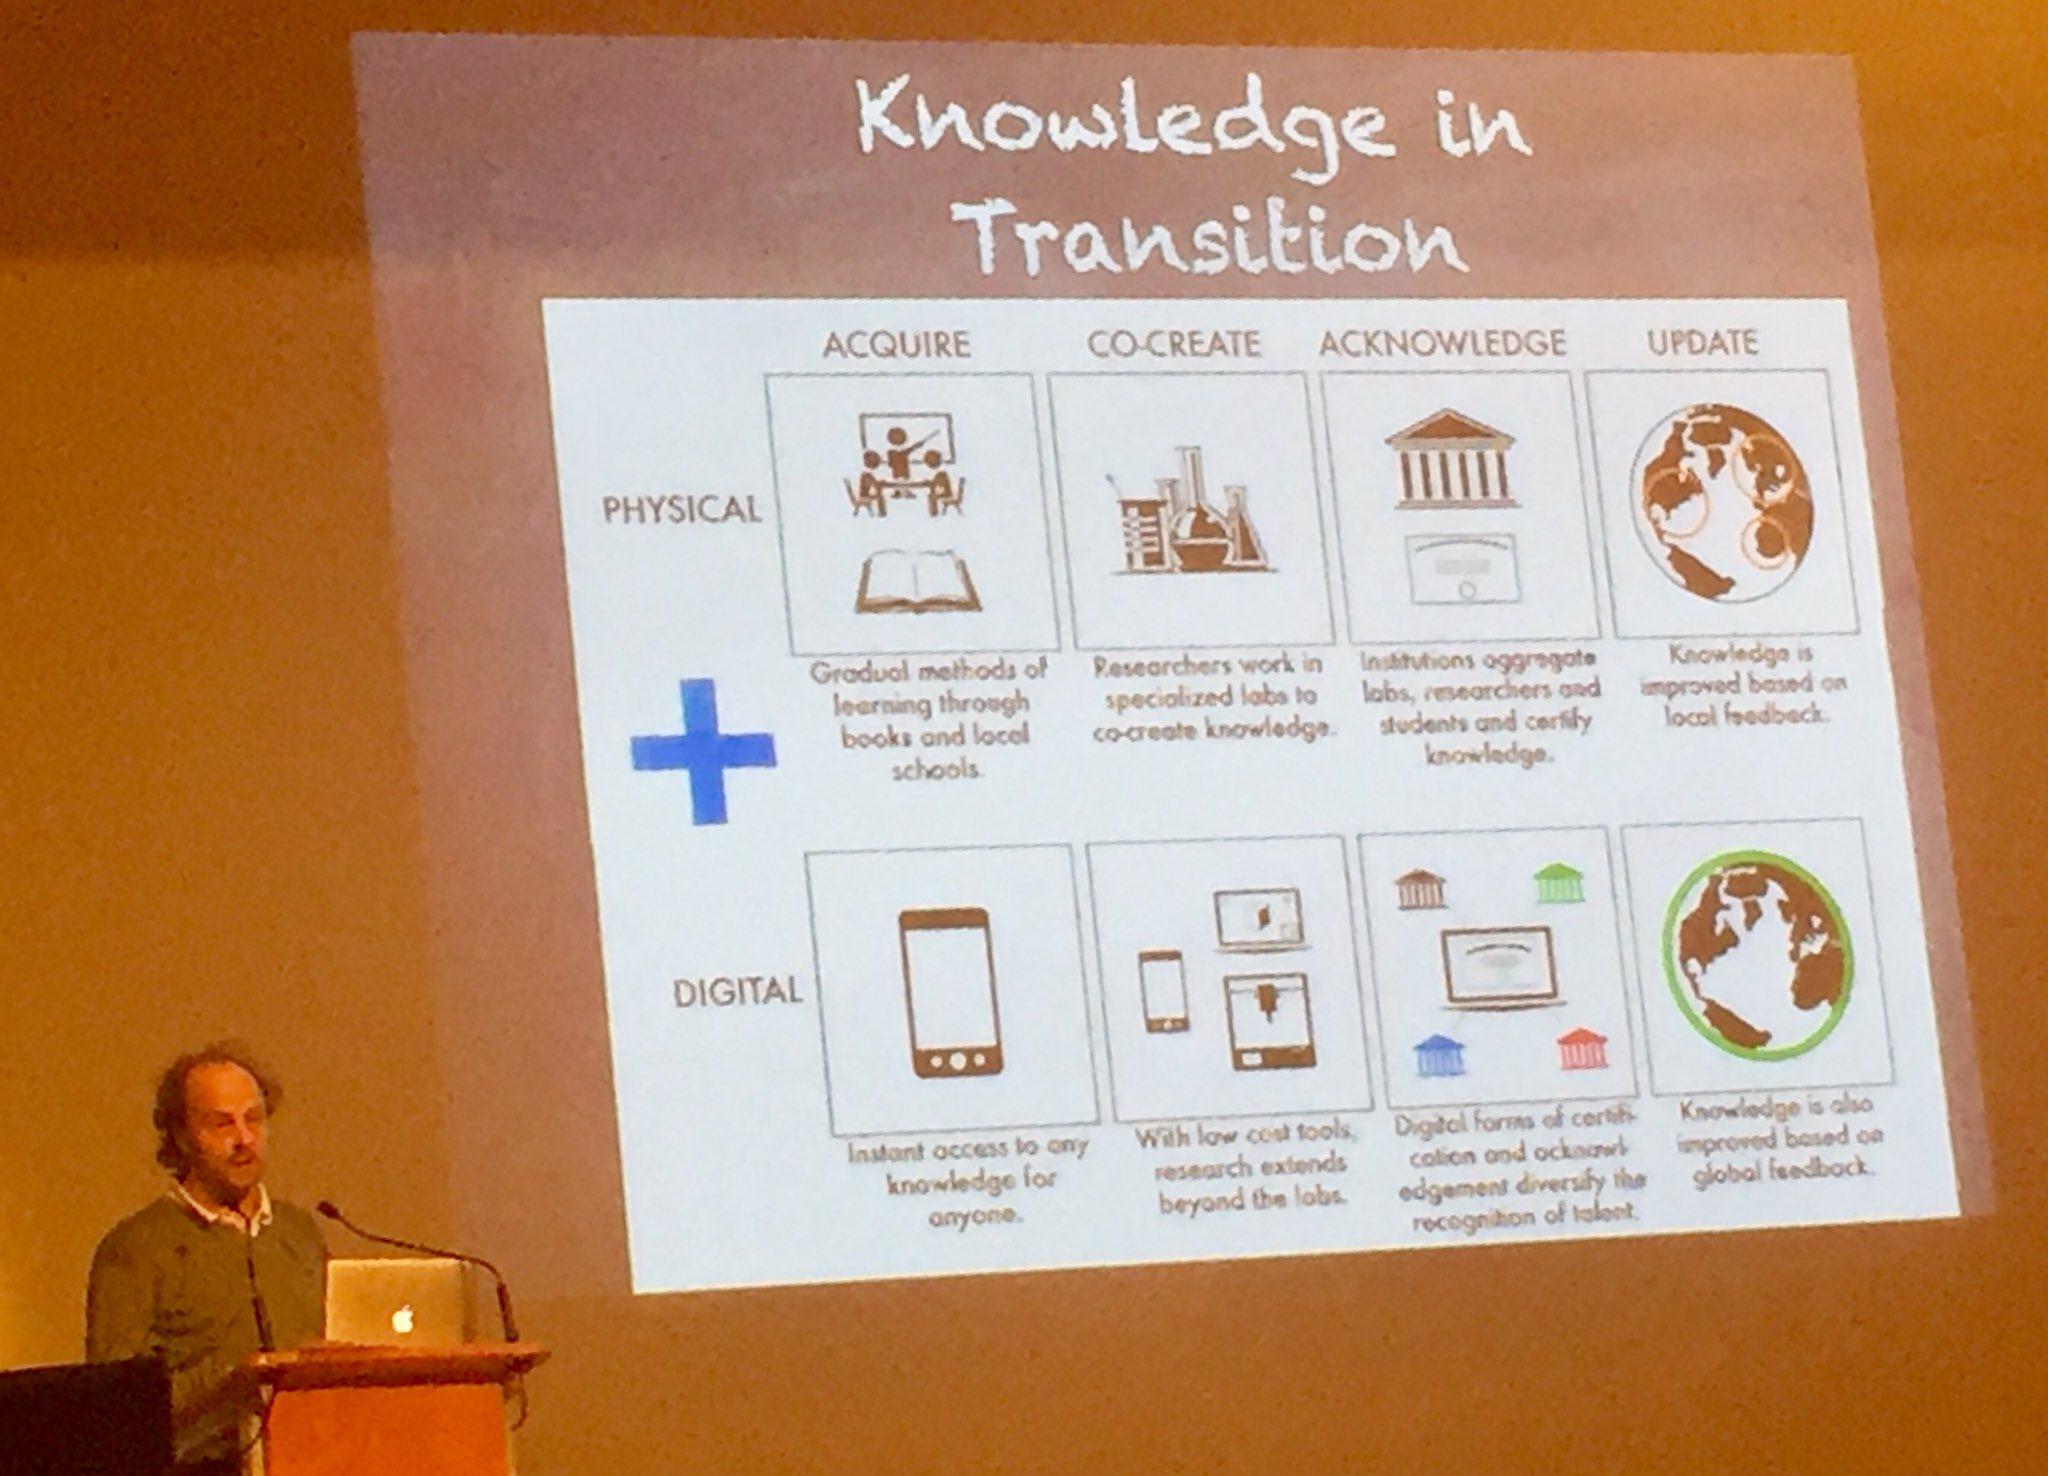 Vers une société apprenante , les méthodes d'apprentissage en transition #RnDedu  #Eduinov https://t.co/0zIVYnZSss